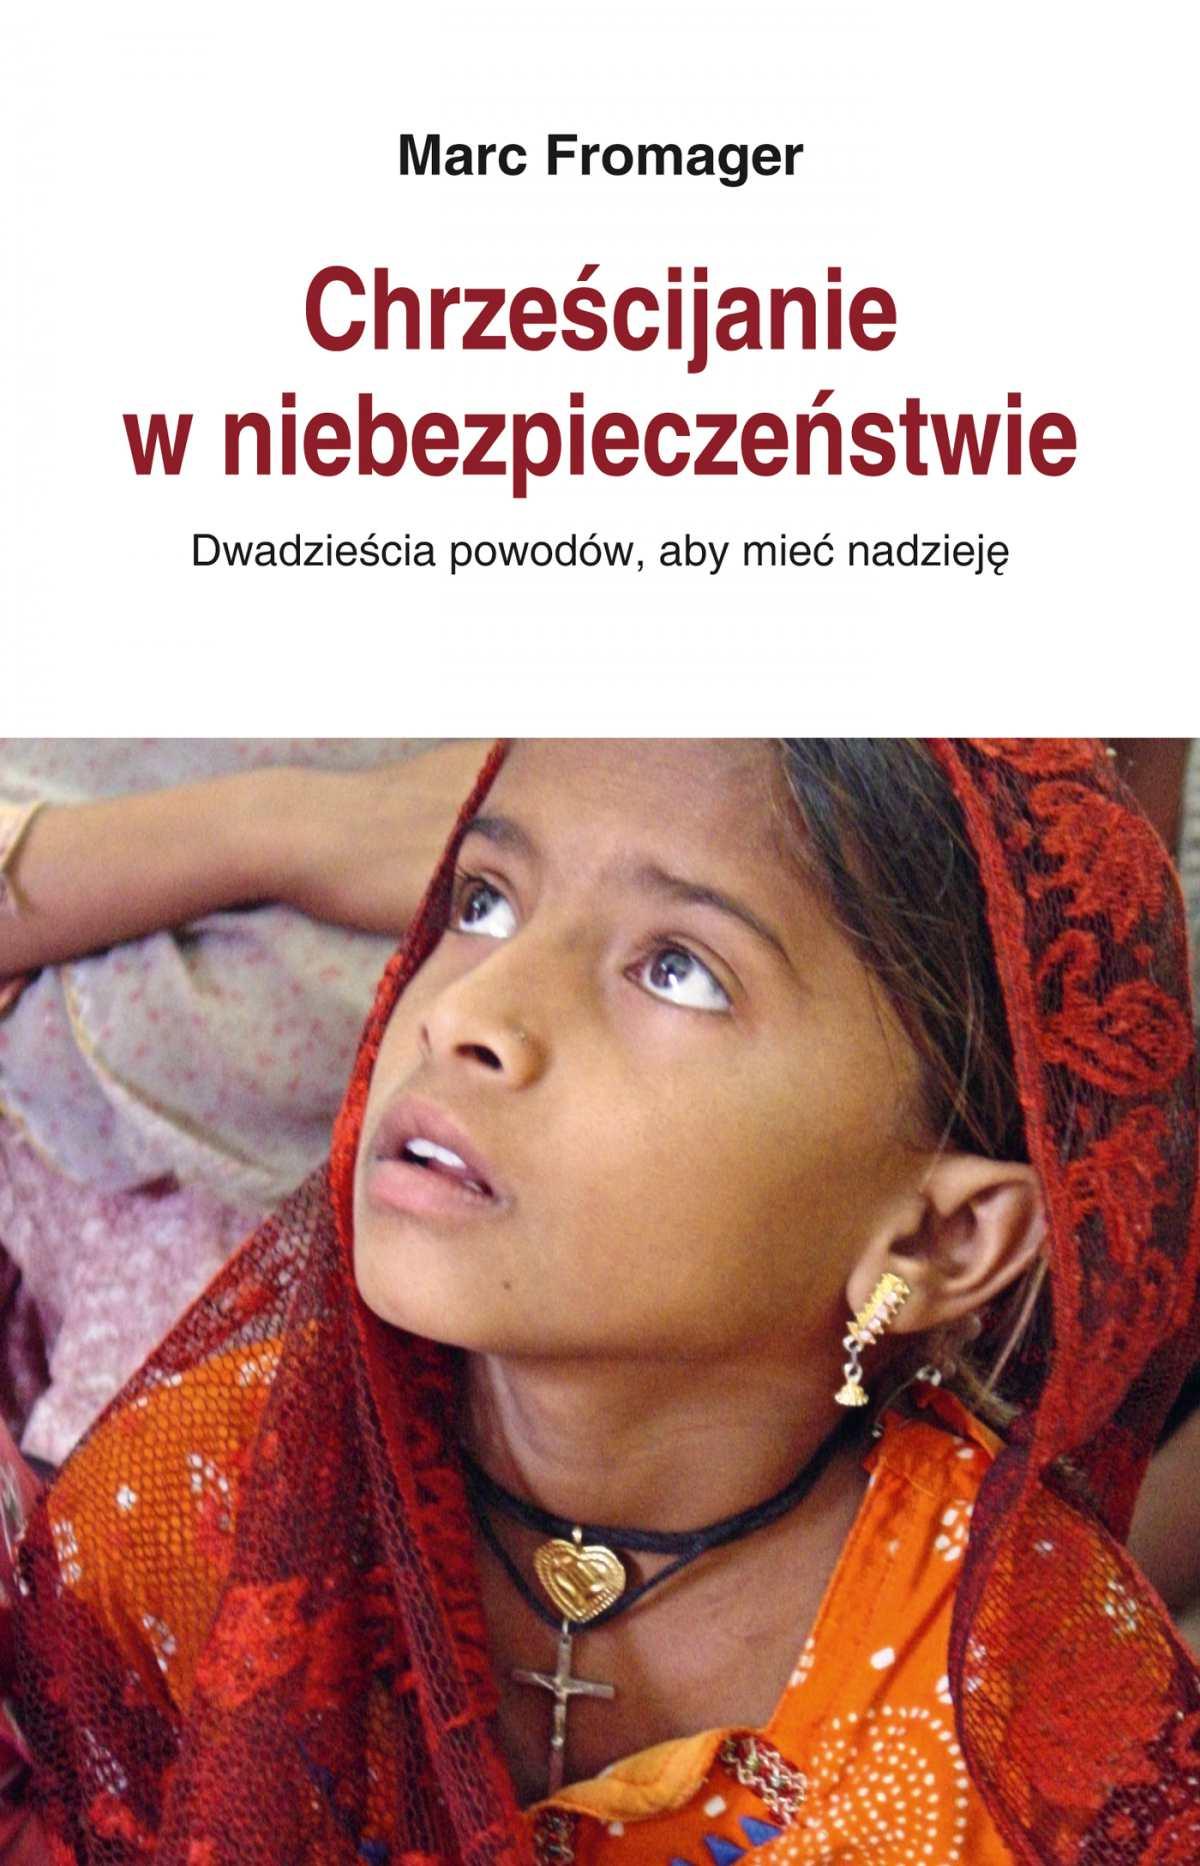 Chrześcijanie w niebezpieczeństwie. Dwadzieścia powodów, aby mieć nadzieję - Ebook (Książka EPUB) do pobrania w formacie EPUB